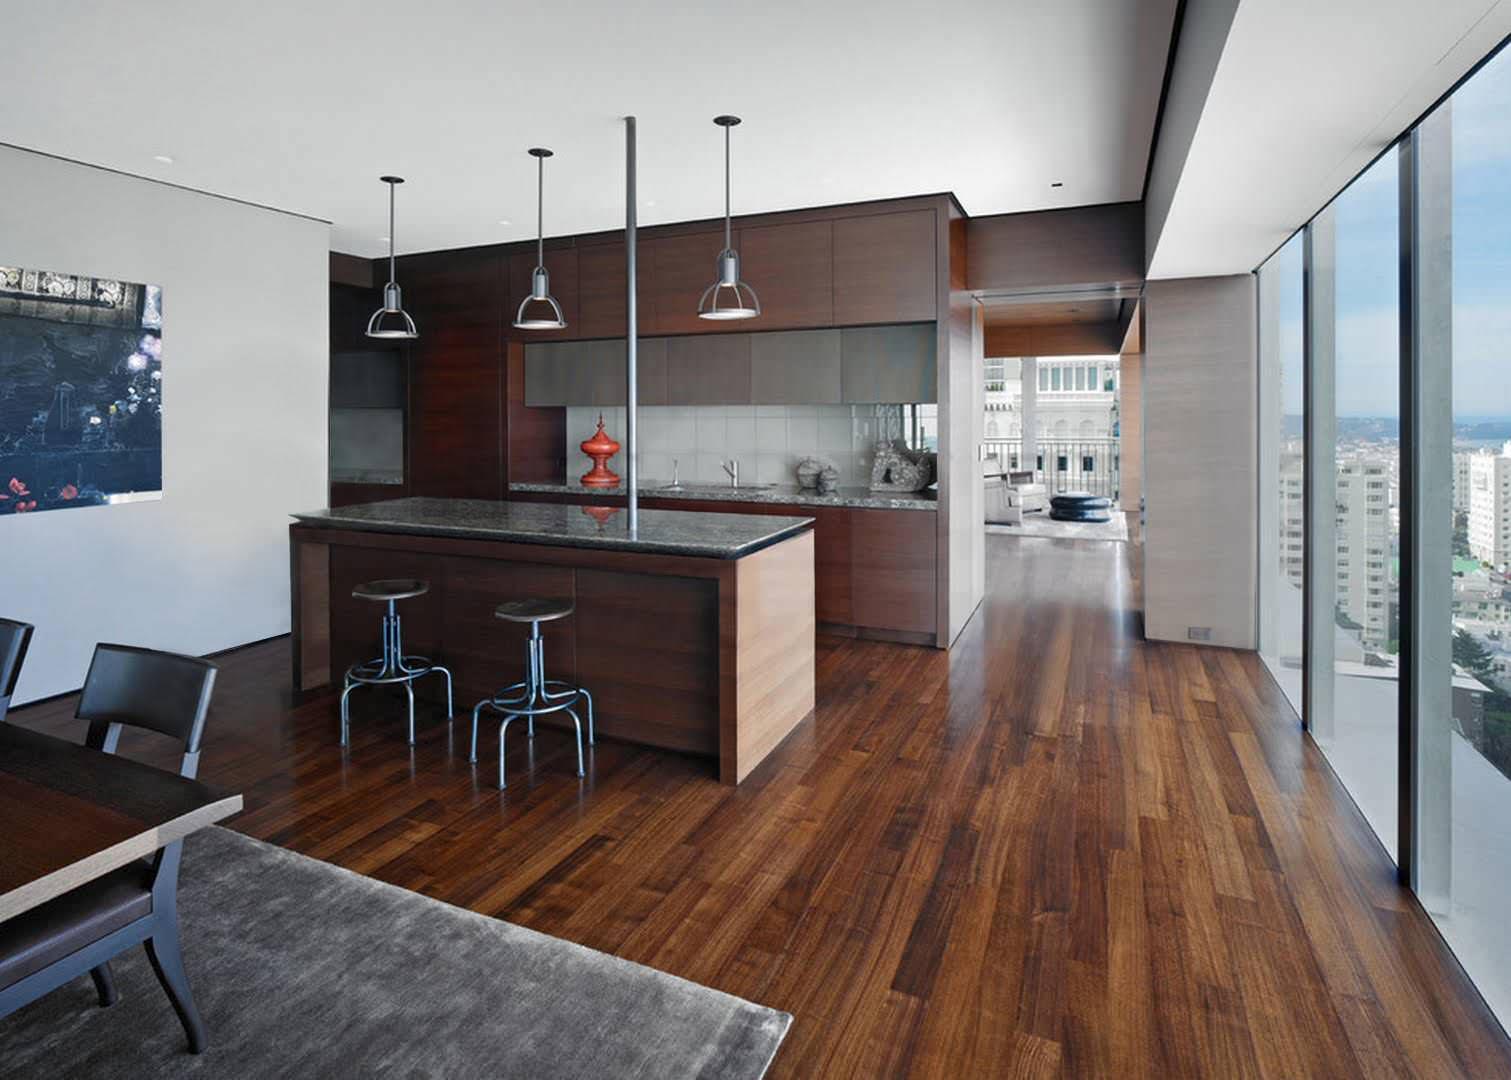 Kitchen Flooring - Walnut